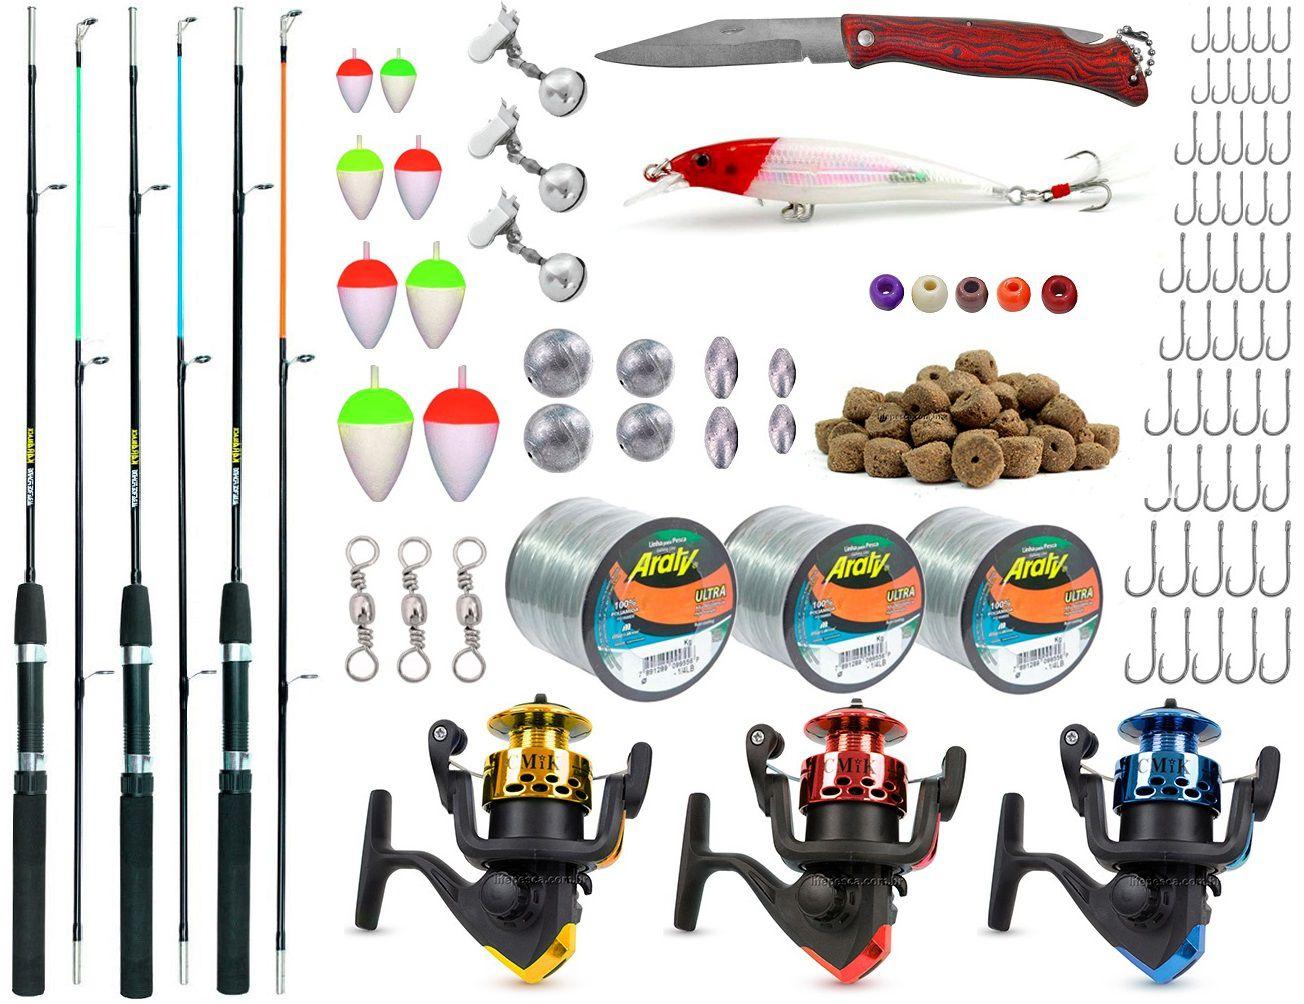 Kit De Pesca Completo 3 Varas 3 Molinetes E Acessórios (Ref. 02)  - Life Pesca - Sua loja de Pesca, Camping e Lazer